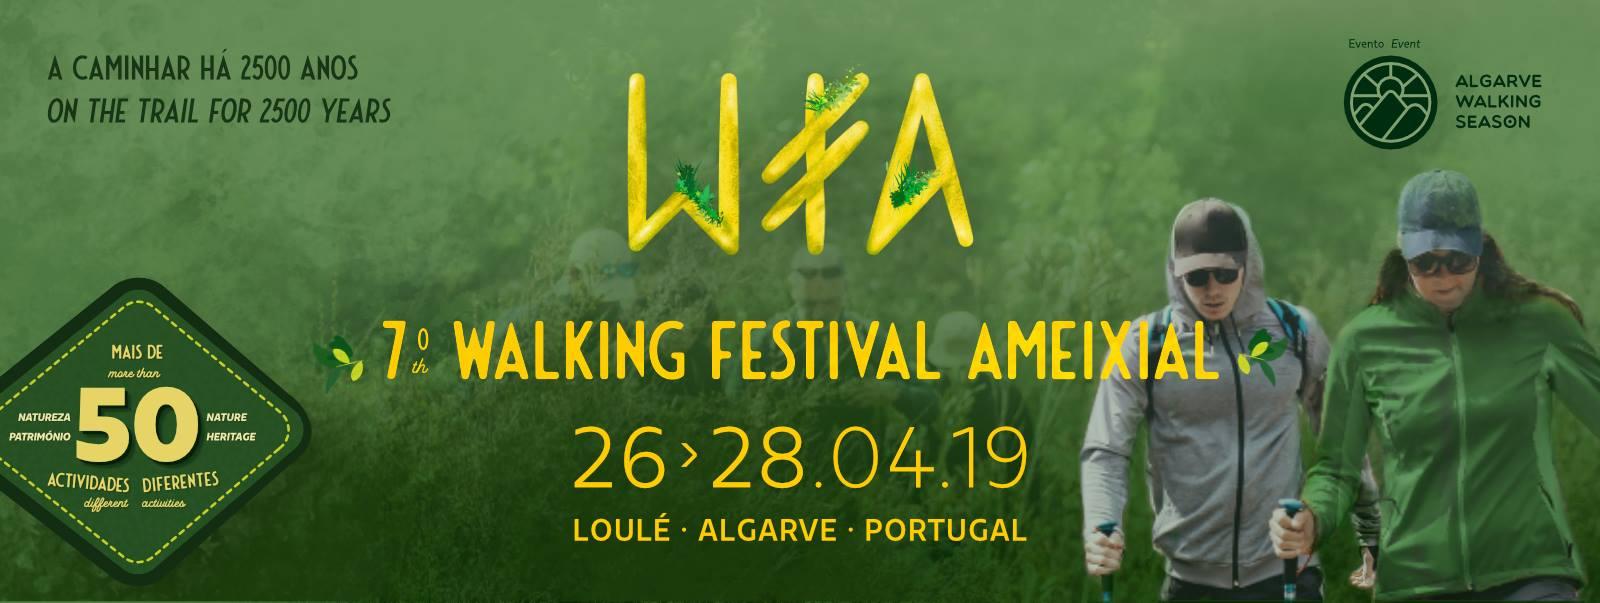 7º WALKING FESTIVAL AMEIXIAL